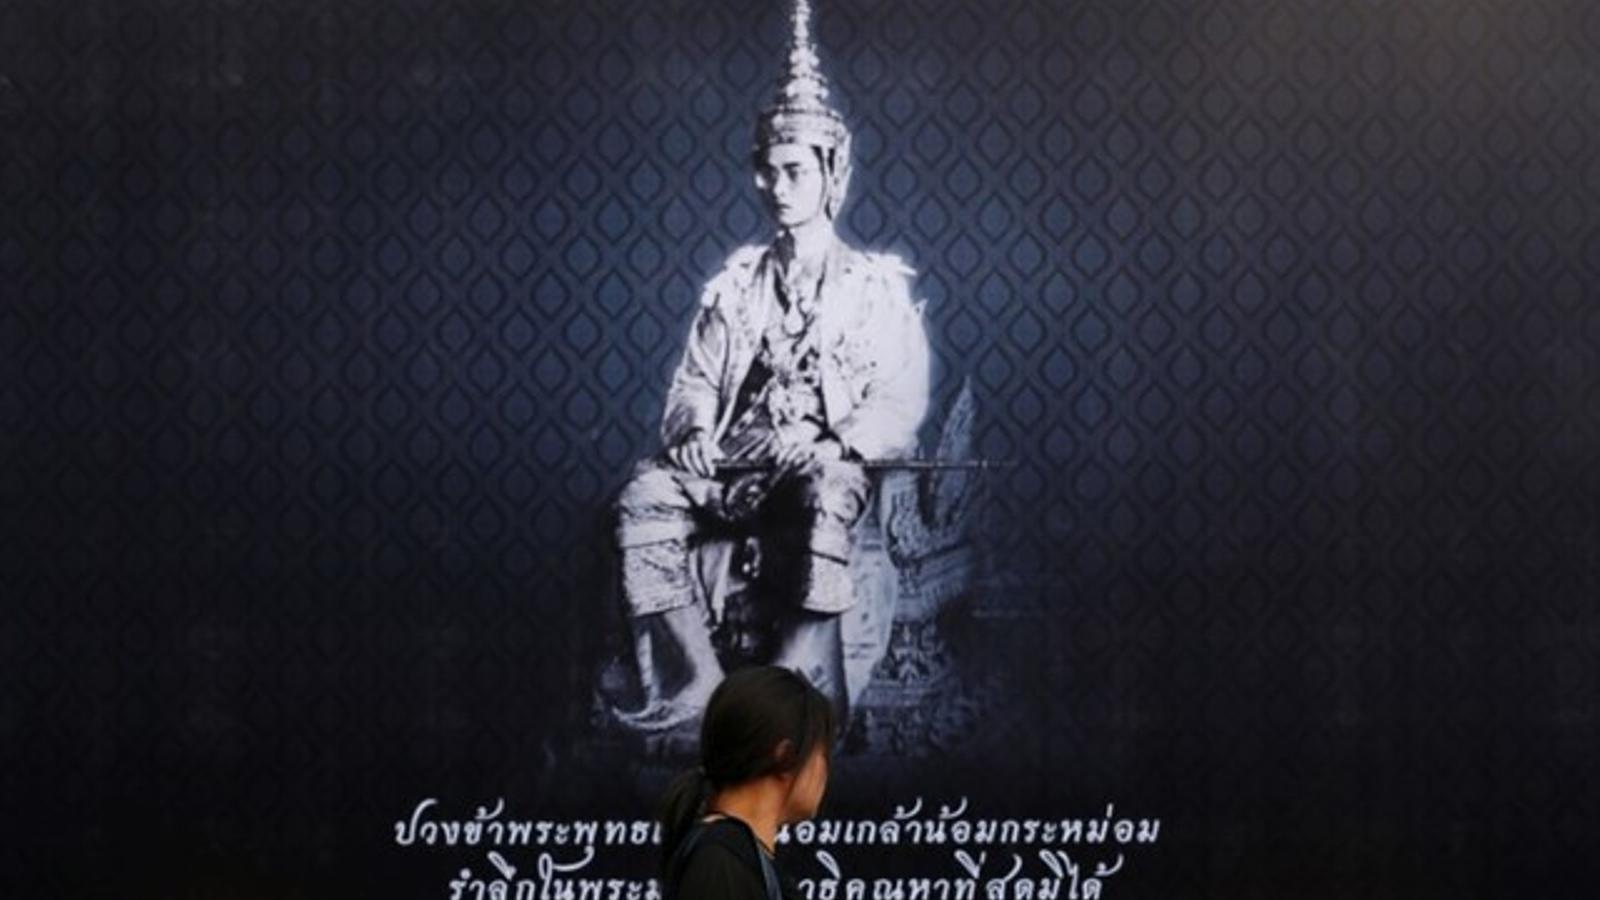 Una dona passa per un cartell que anuncia la mort i el dol pel monarca mort, a Bangkok.